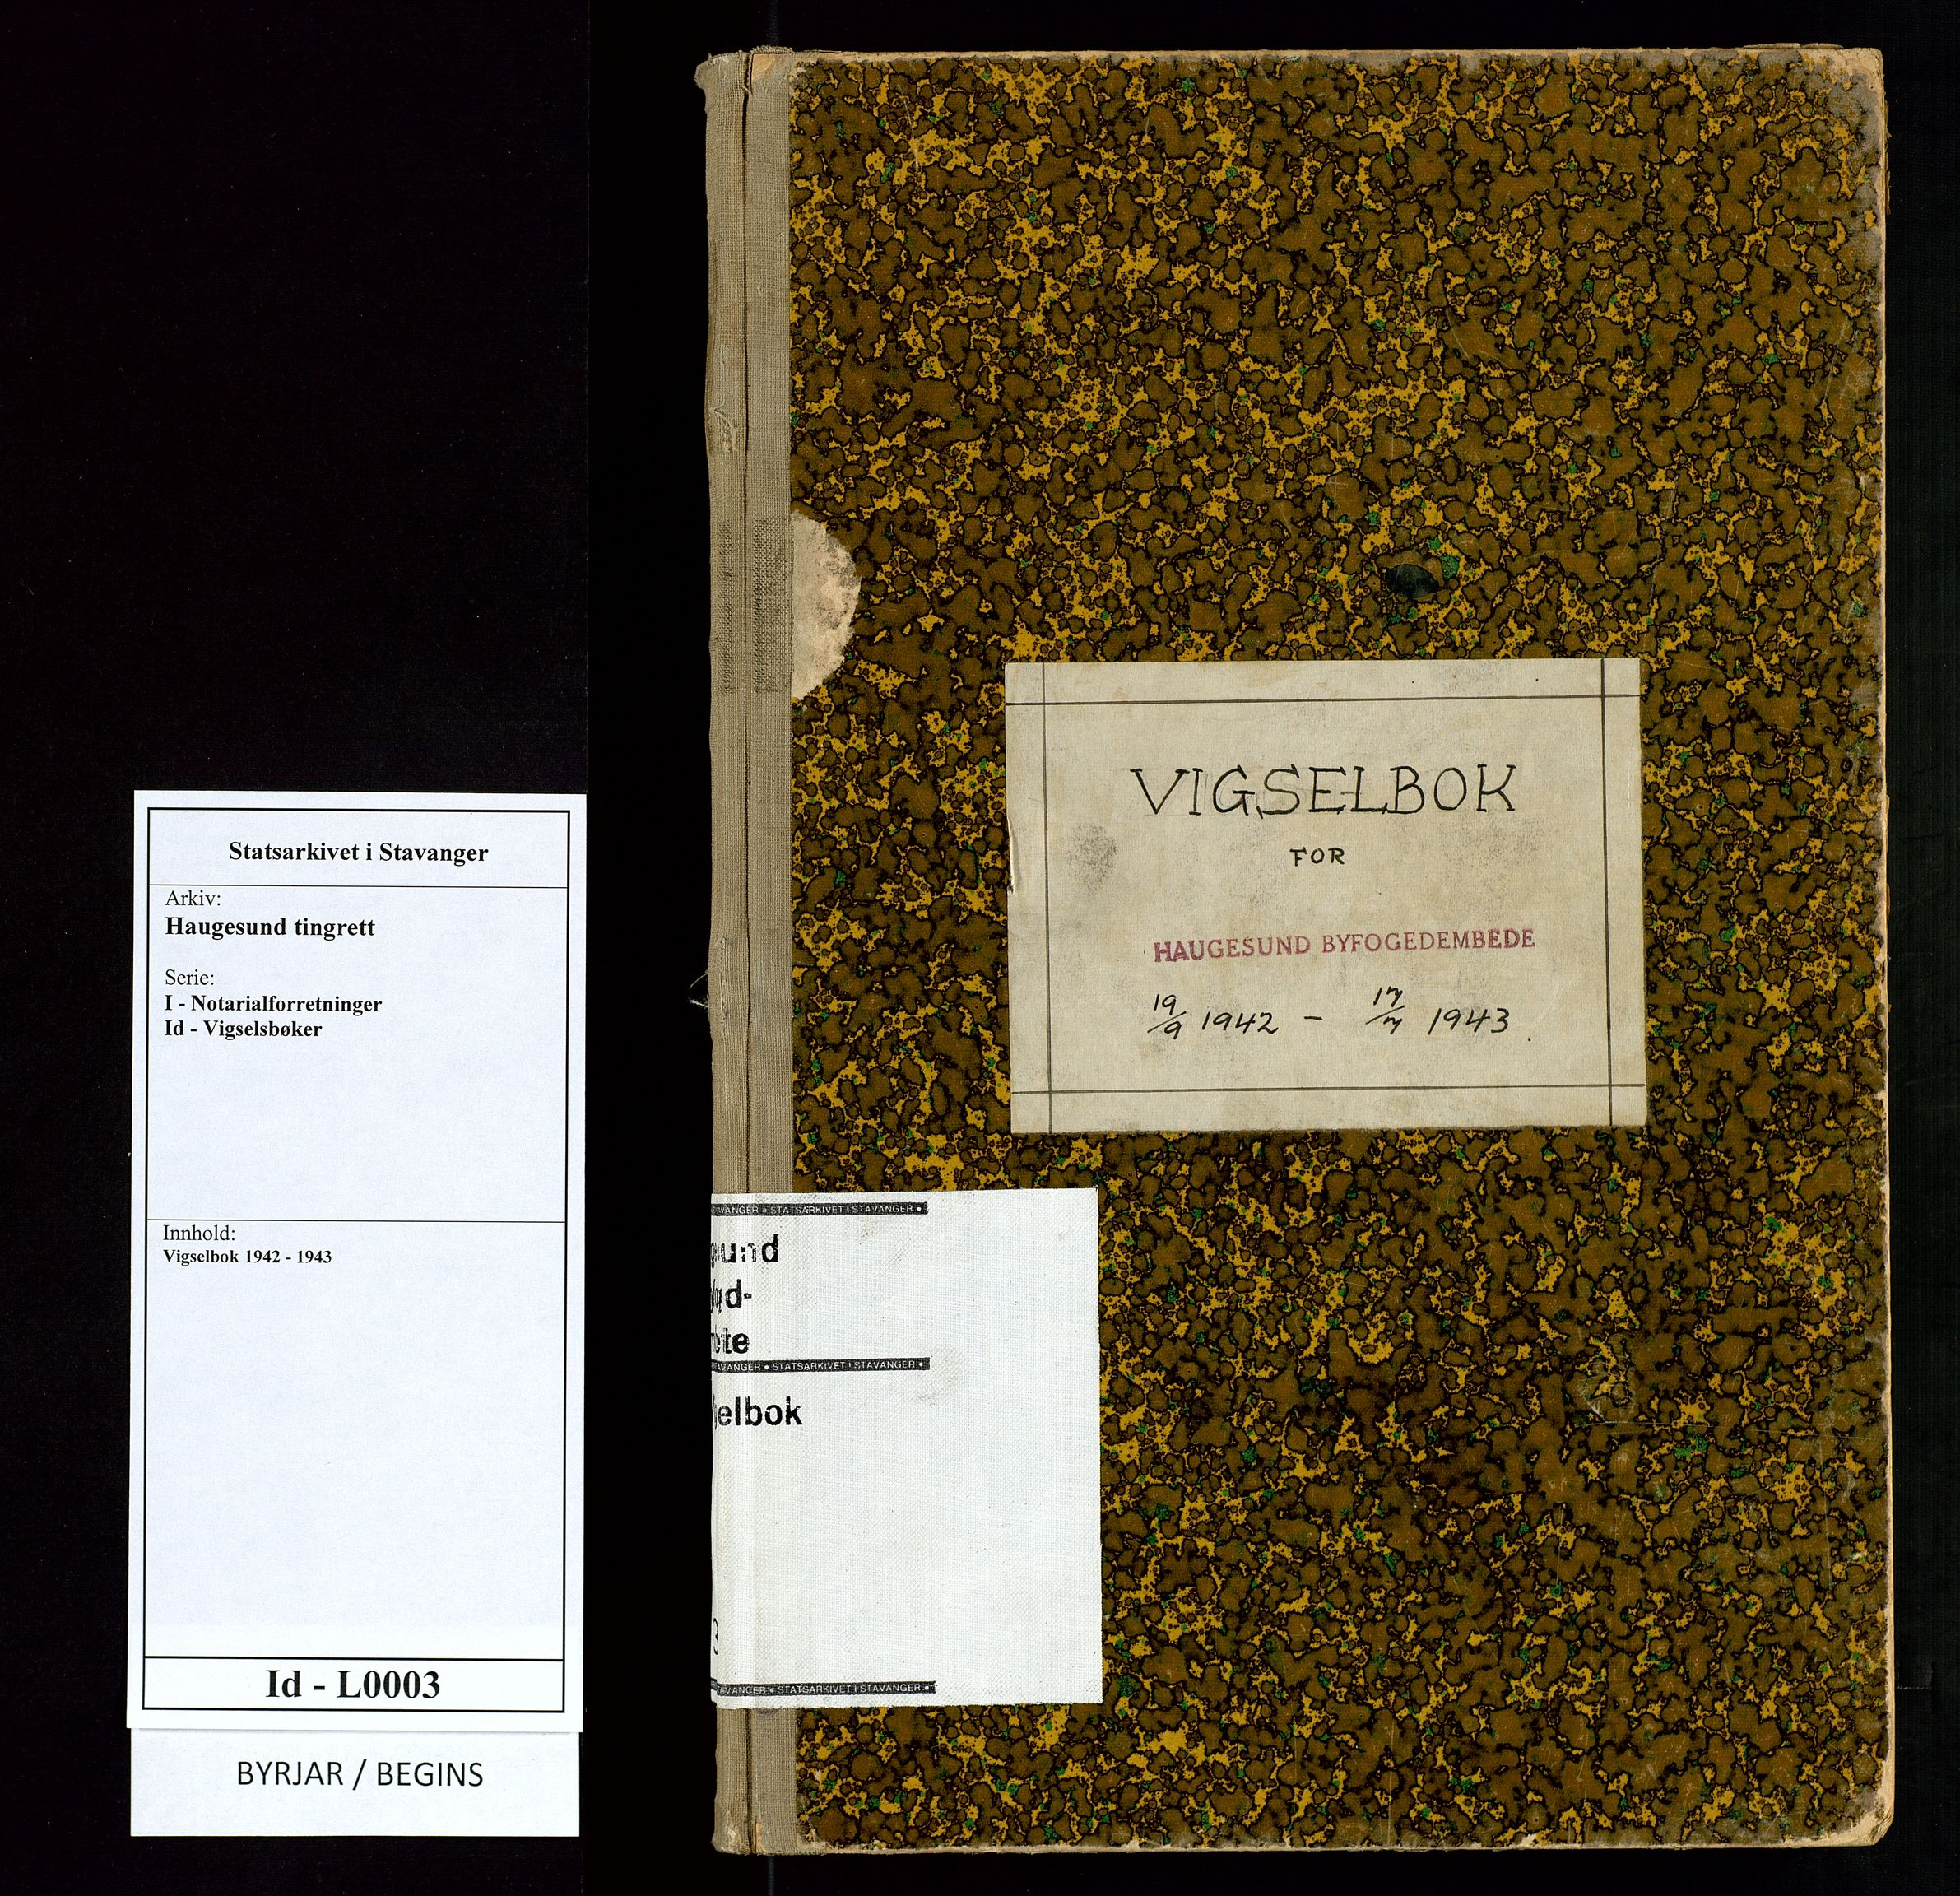 SAST, Haugesund tingrett, III/IIID/L0003: Vigselbok, 1942-1943, s. upaginert